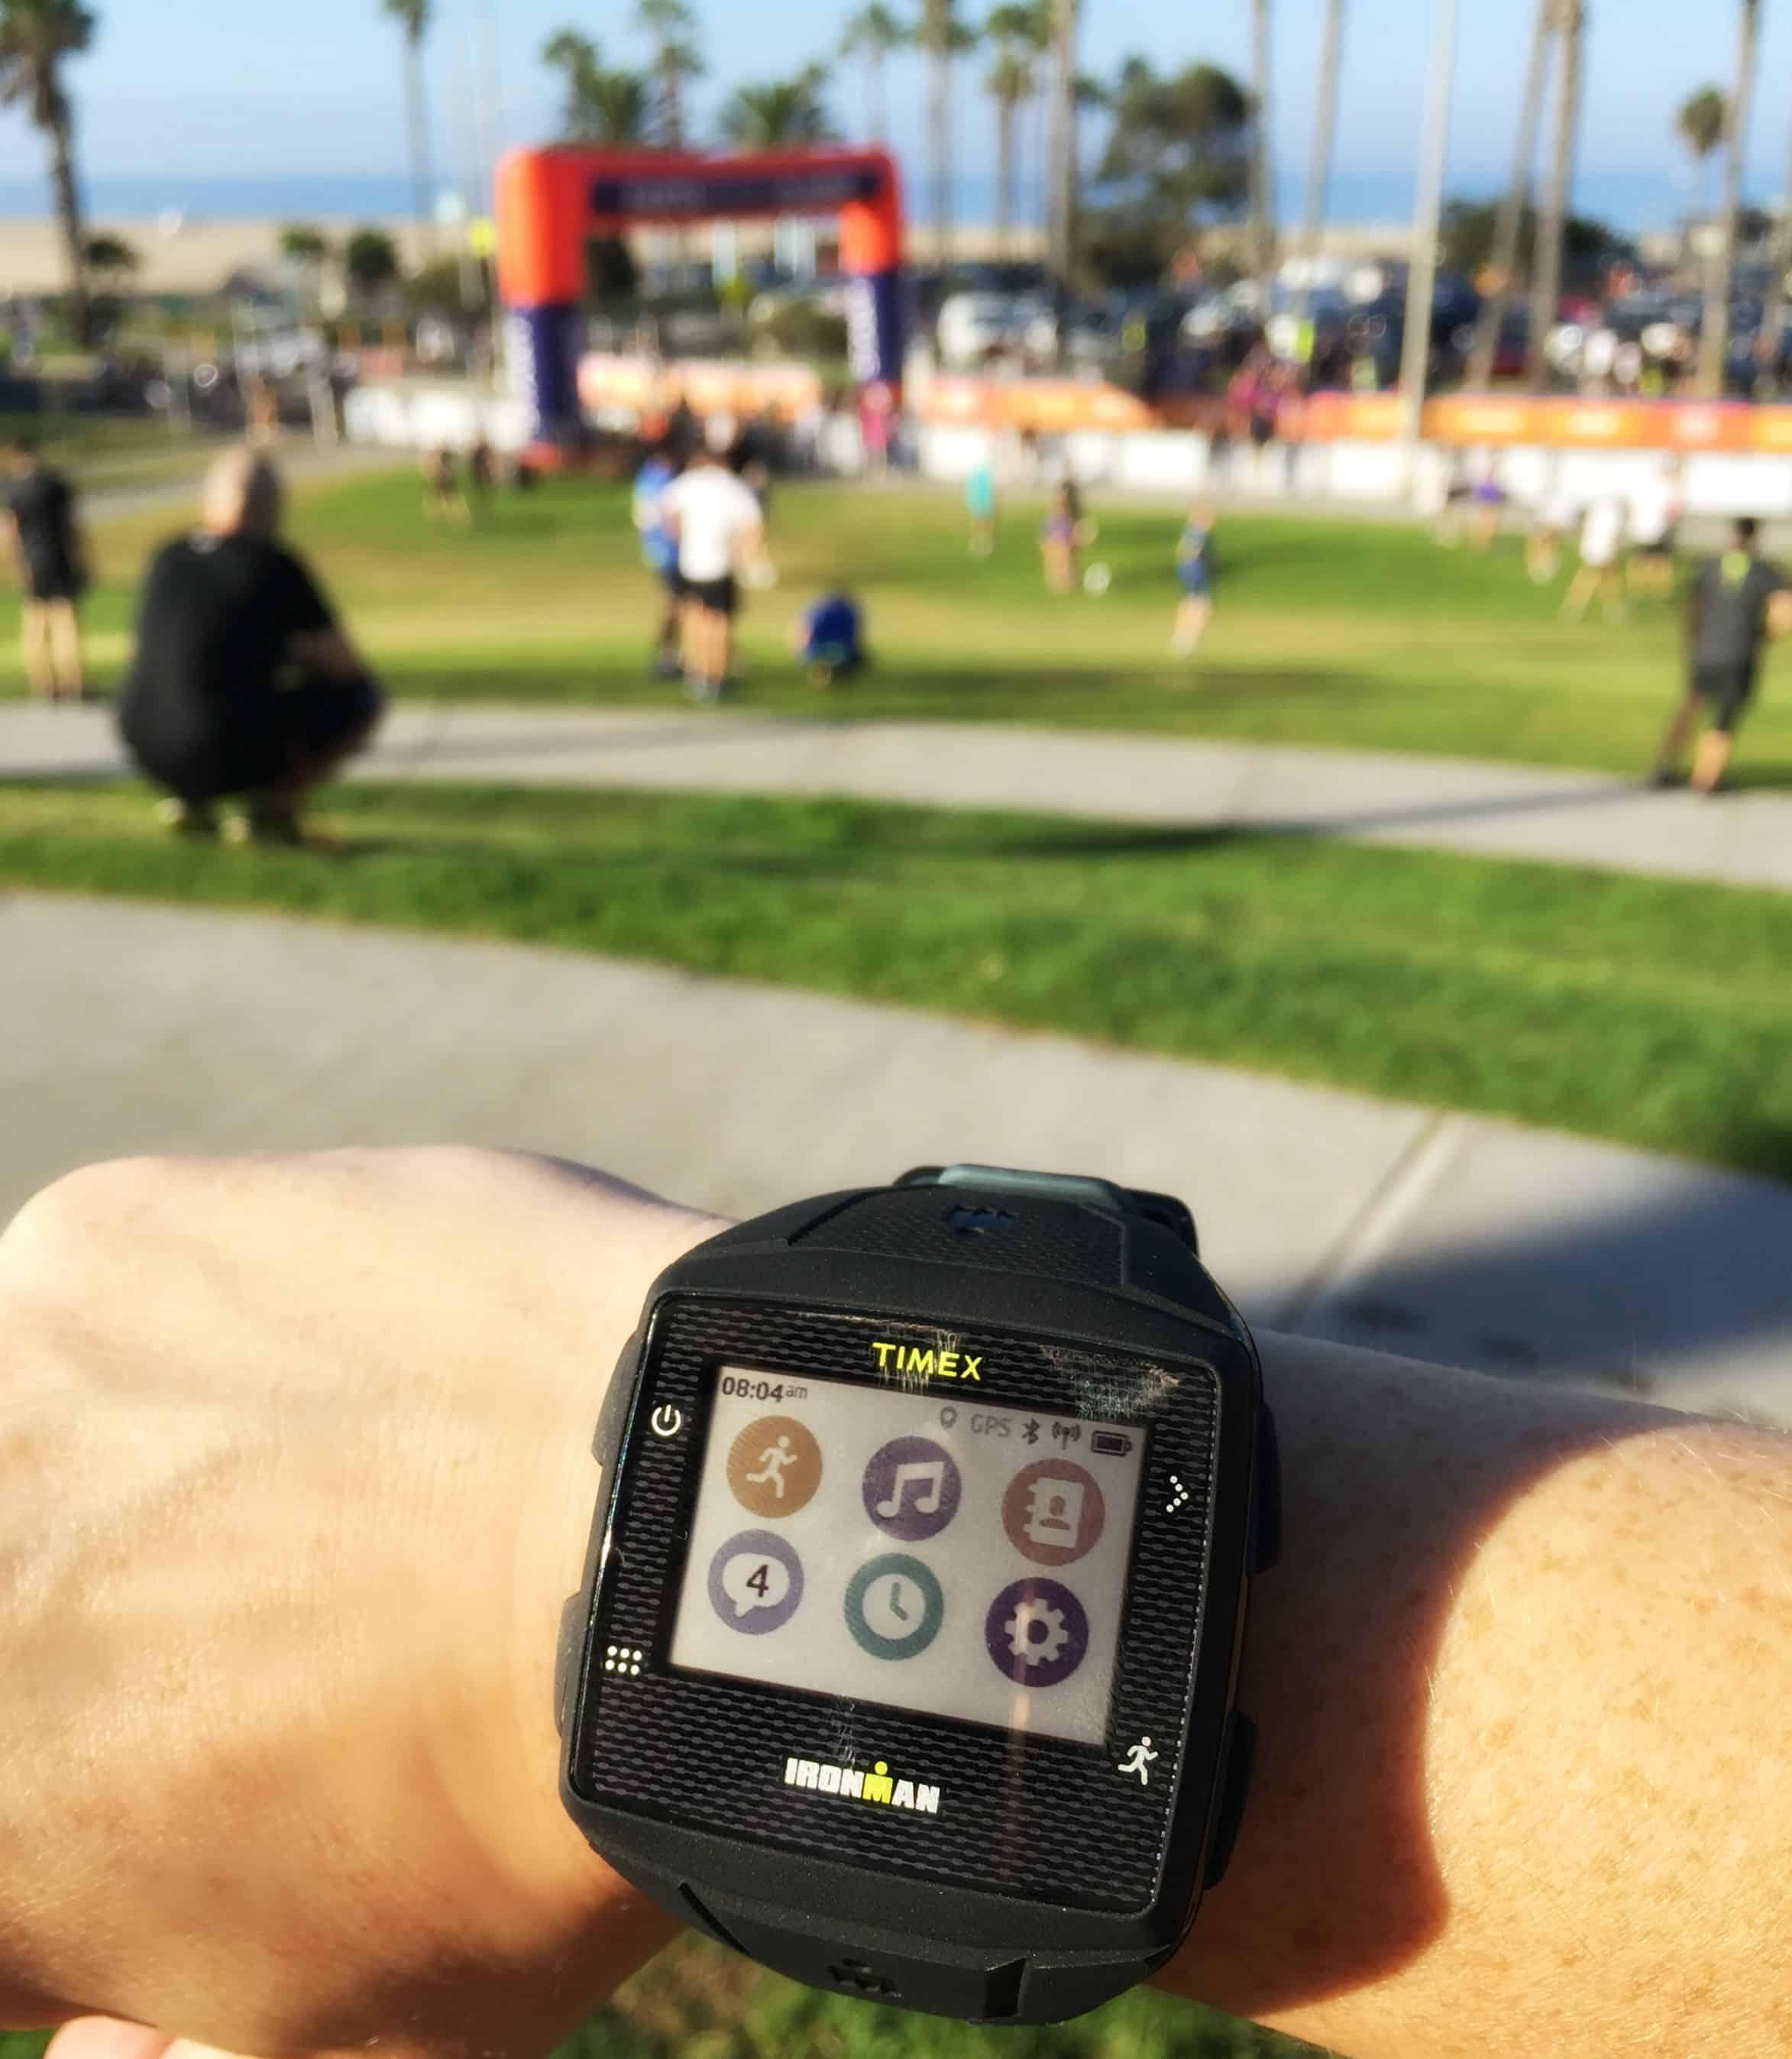 Timex_One_GPS